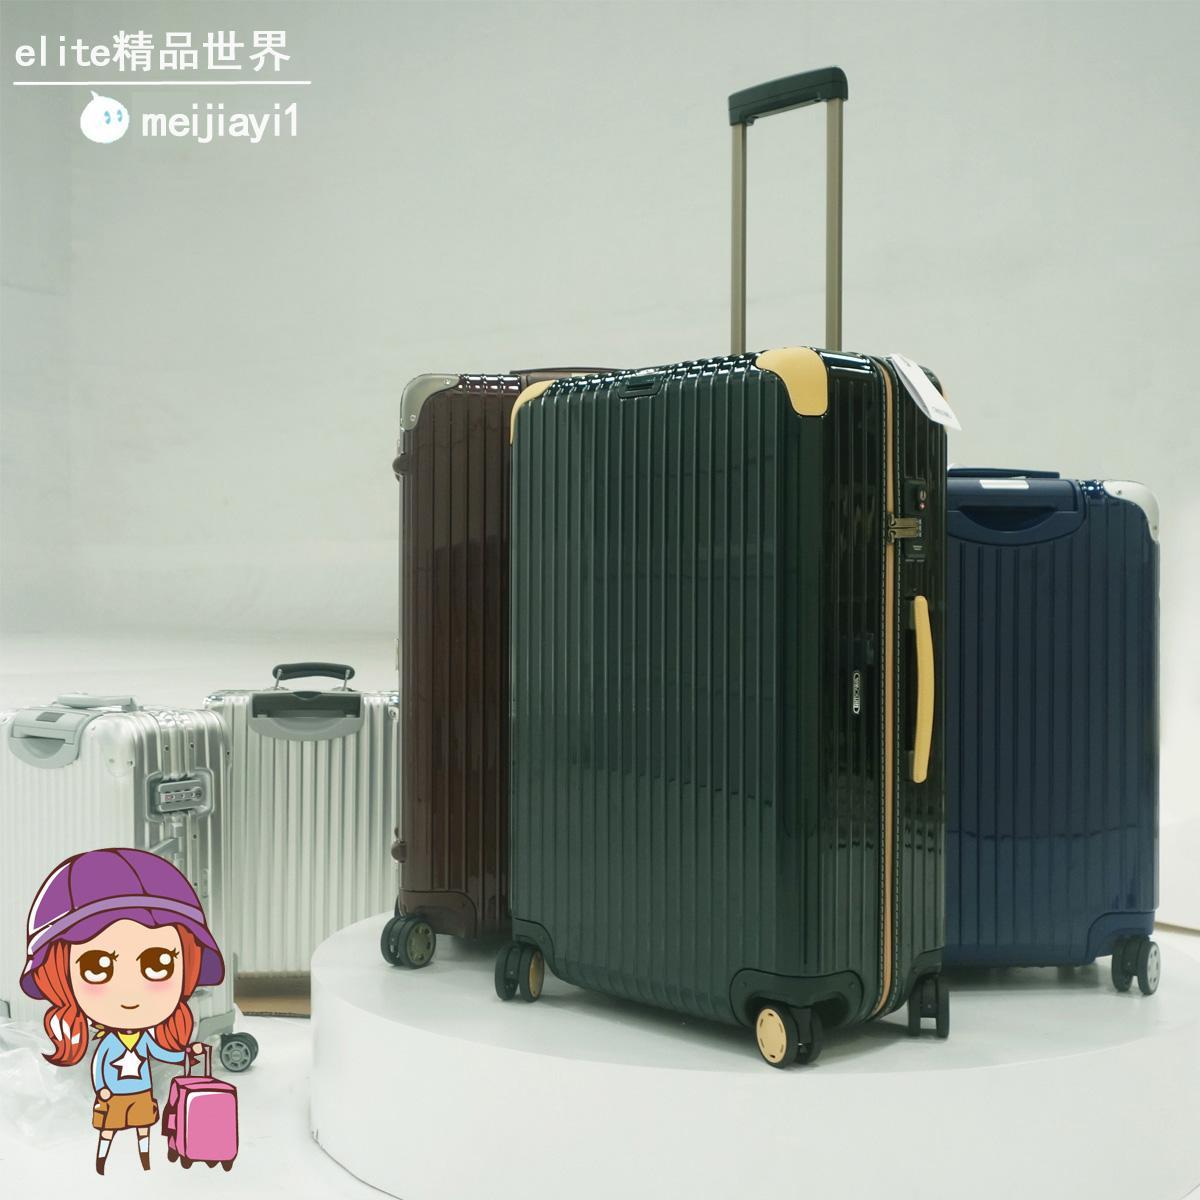 德国正品日默瓦拉杆箱rimowa巴西限量版bossa nova电子行李登机箱